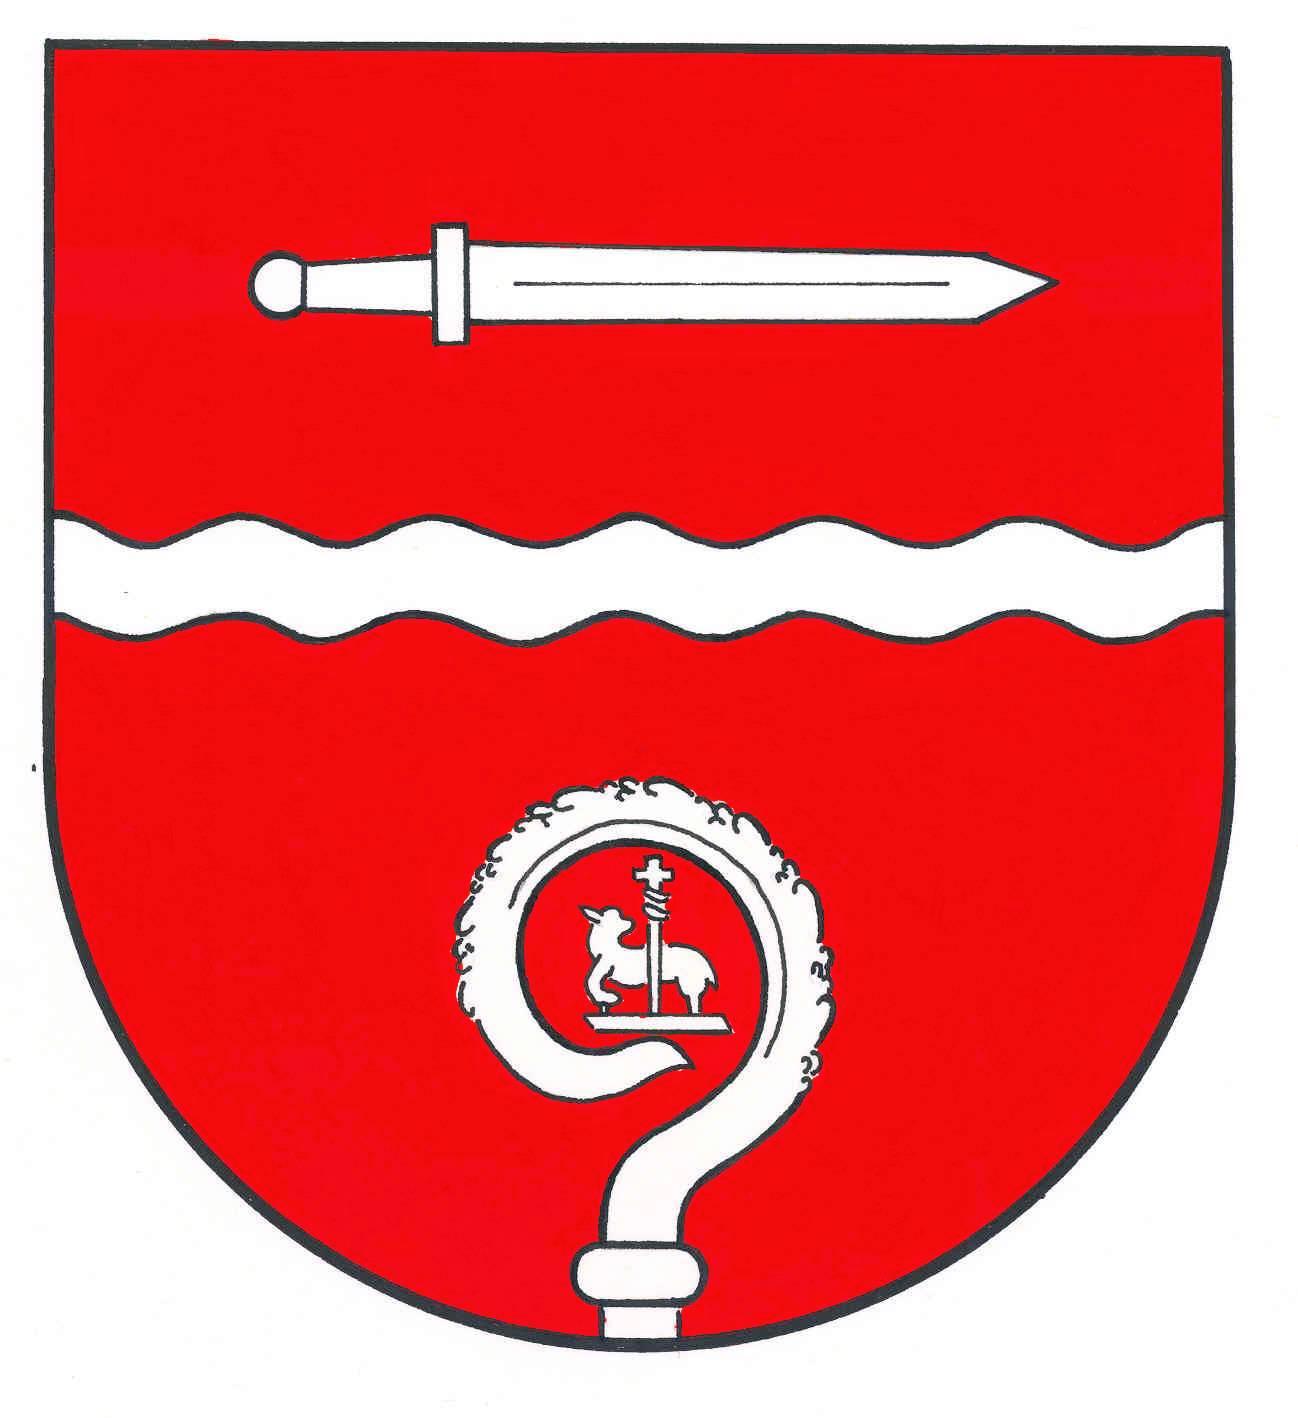 Wappen GemeindeLangwedel, Kreis Rendsburg-Eckernförde